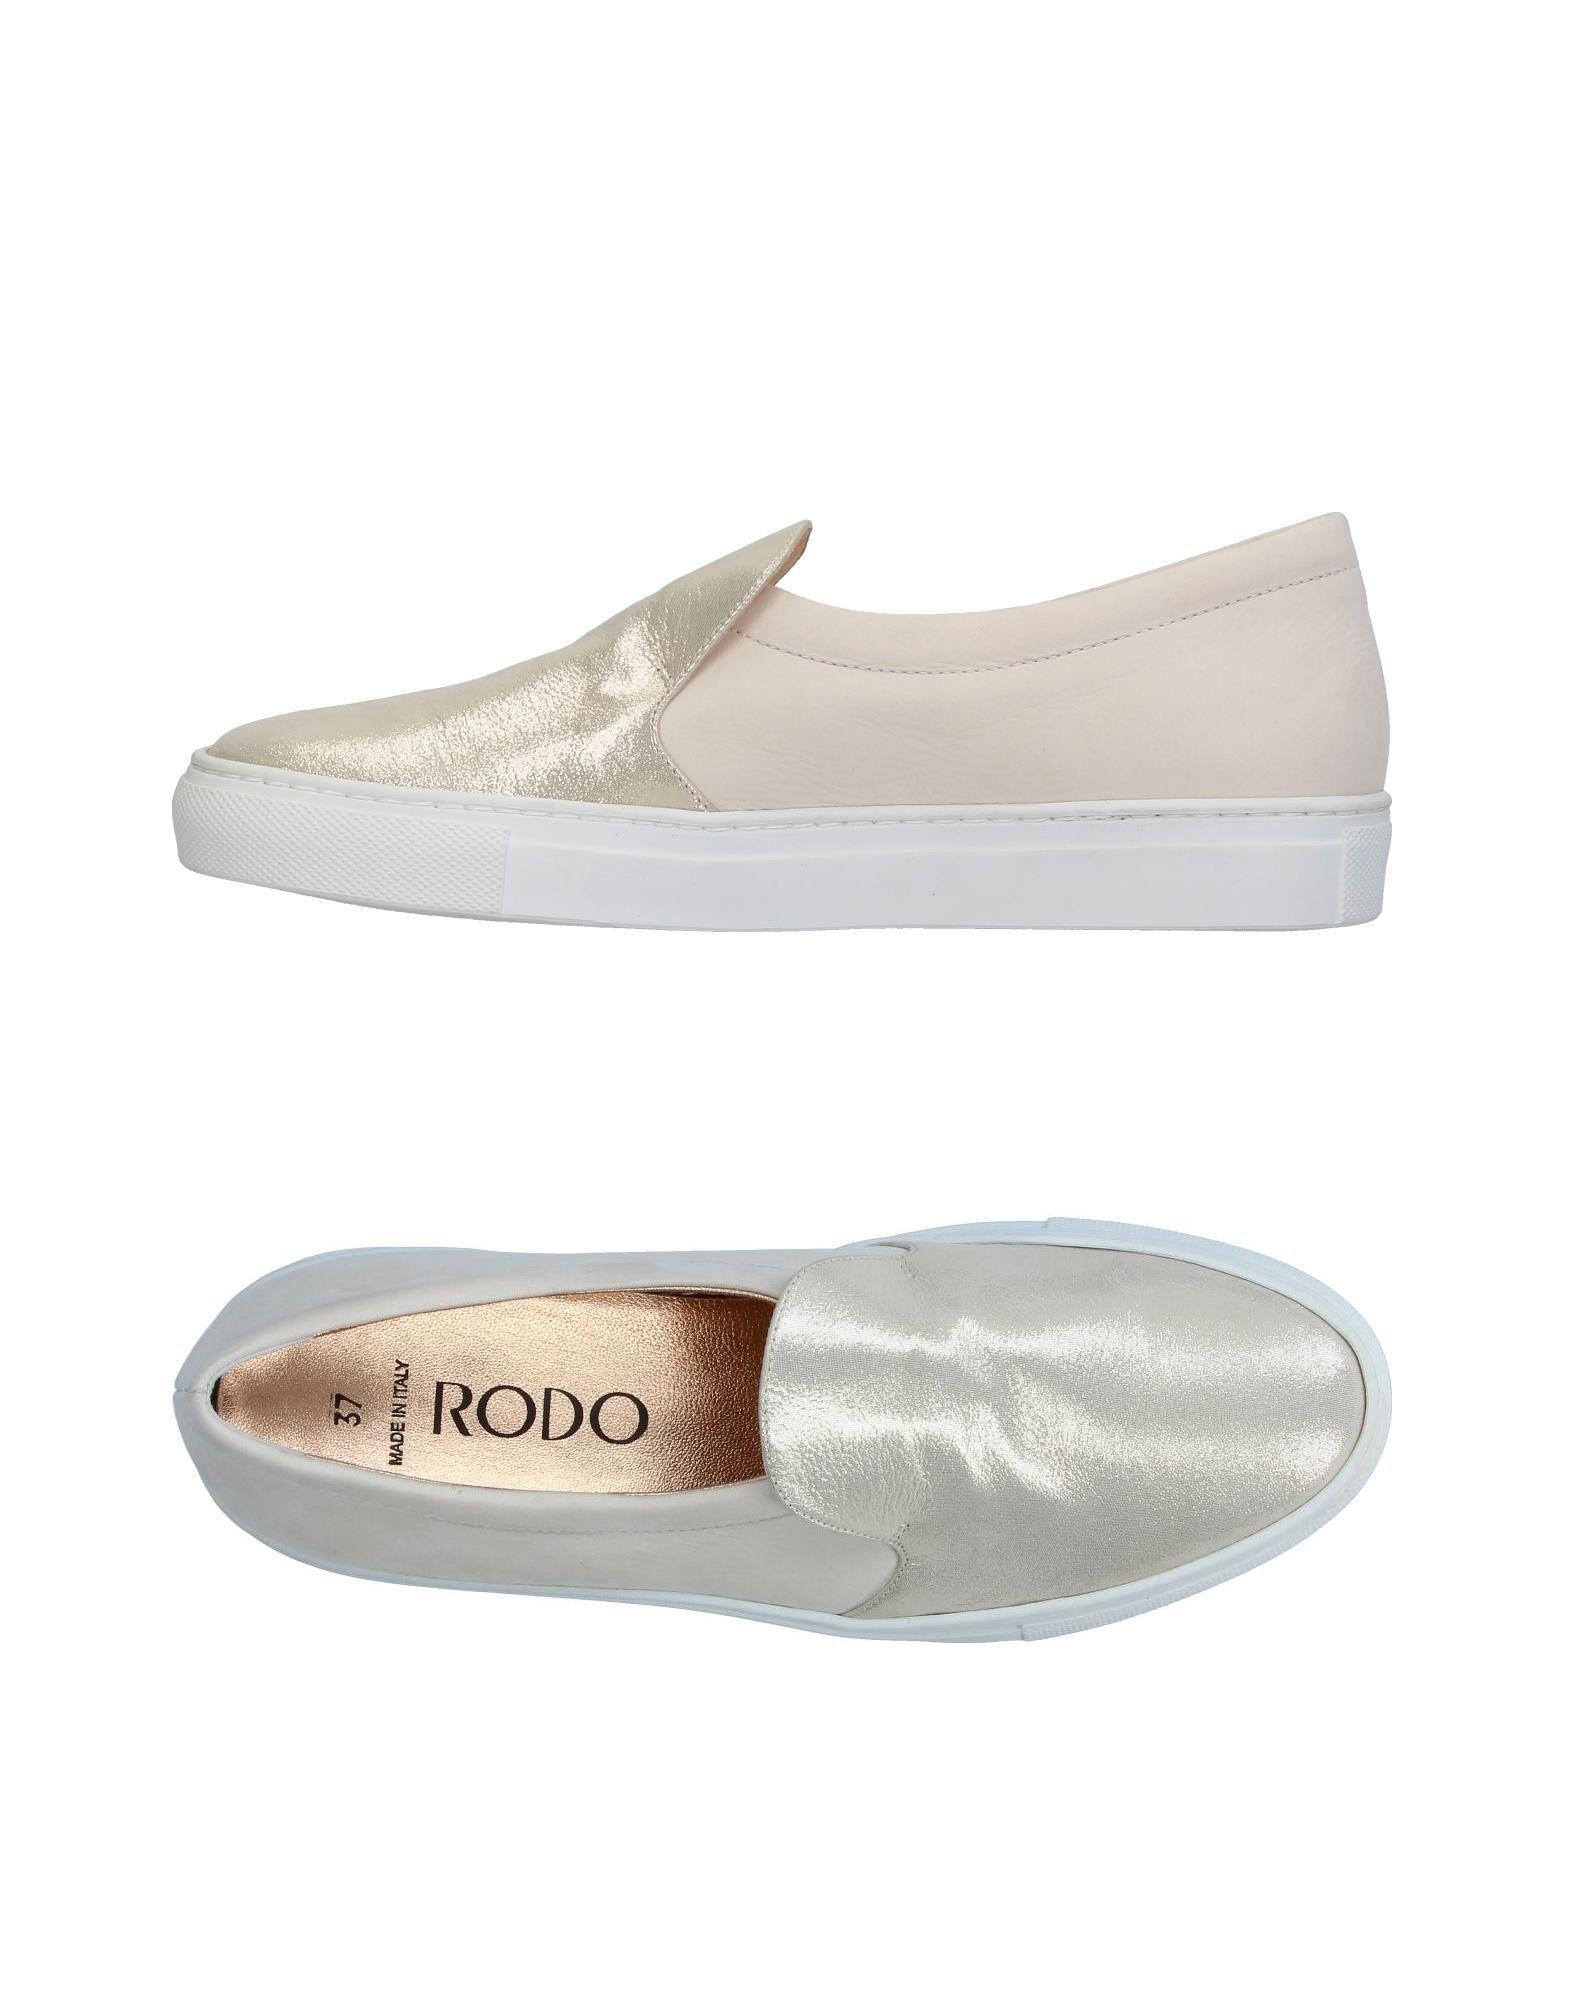 Rodo Sneakers Damen  11351797AW Gute Qualität beliebte Schuhe